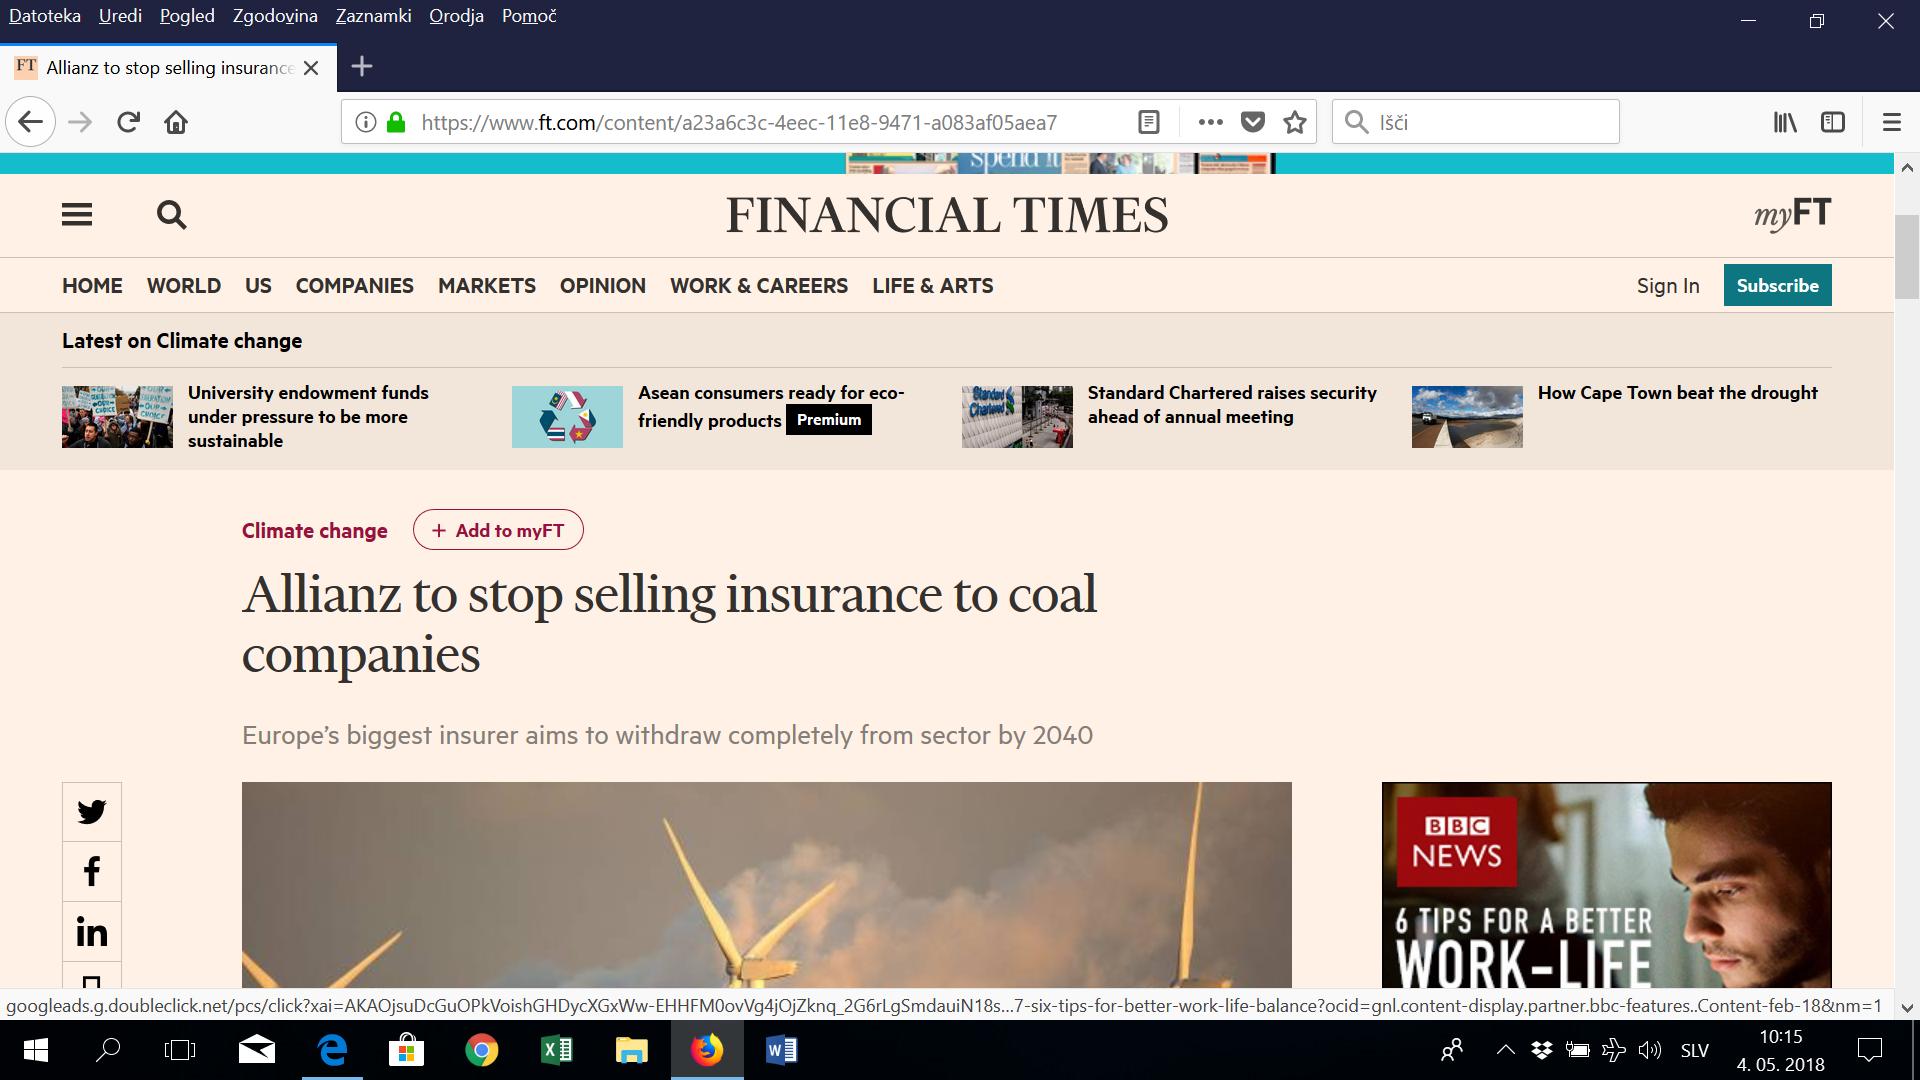 Največja evropska zavarovalnica se poslavlja od zavarovanja premoga